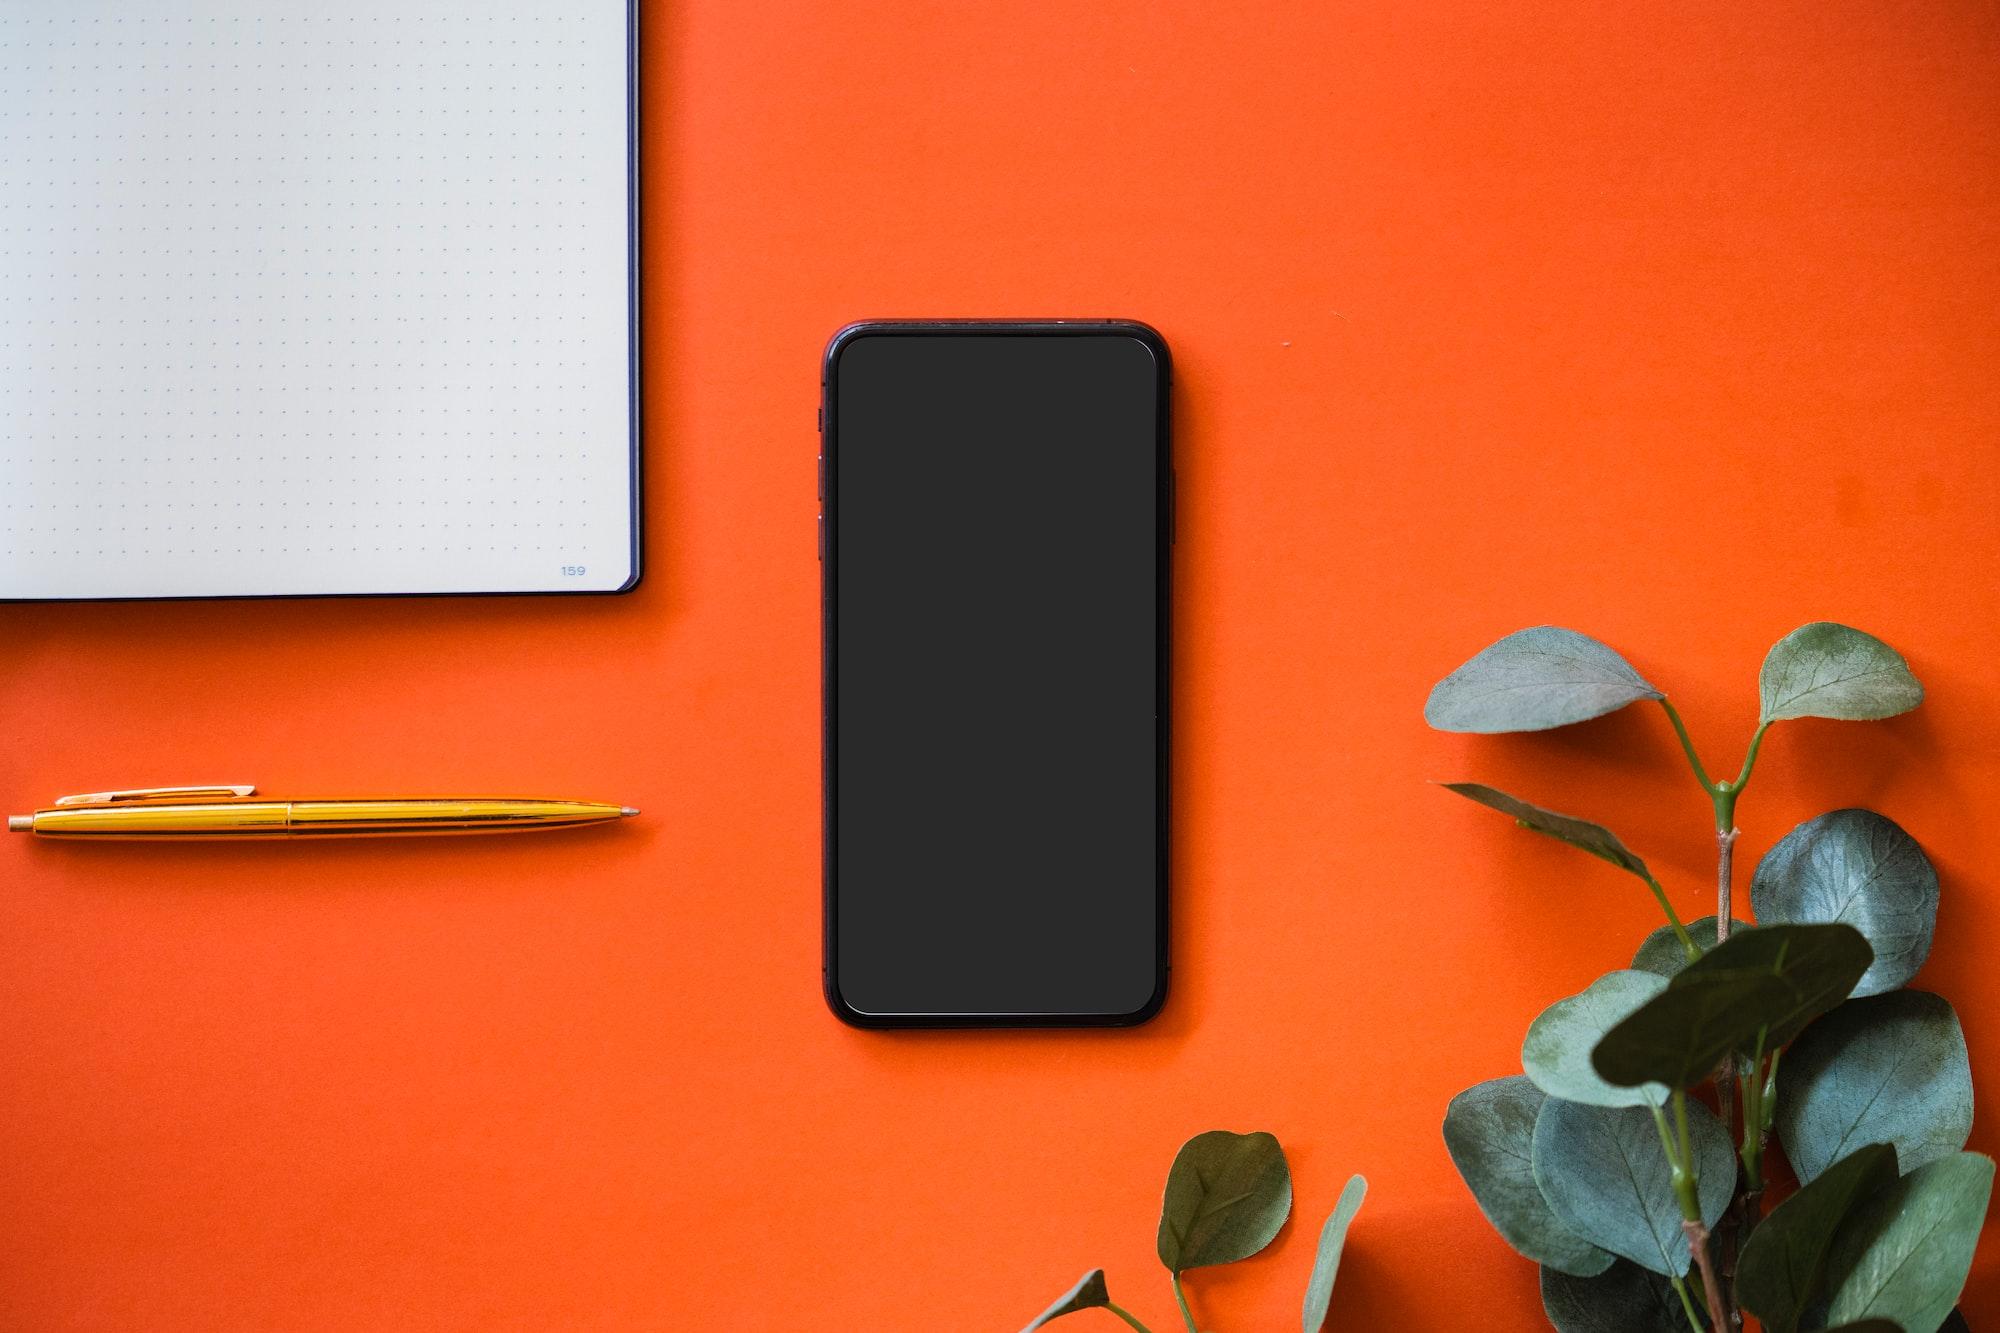 iPhone on orange